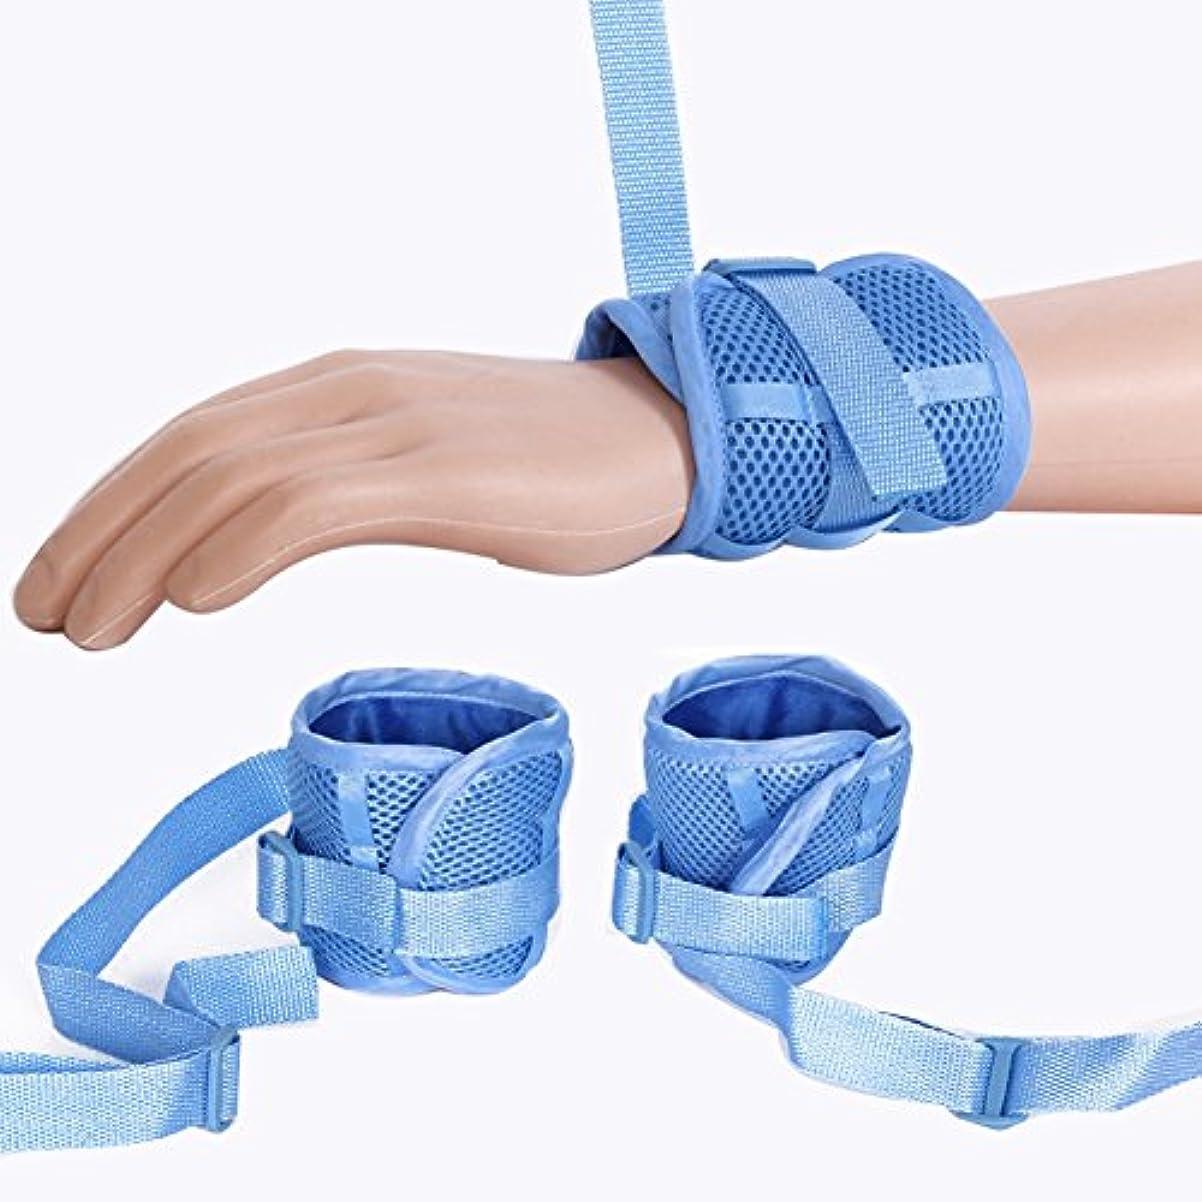 電化する神秘人気のコントロール?マット医療用拘束具患者の手の感染用具防護用具ユニバーサル?コントロール防御用固定手袋 - 青色1組